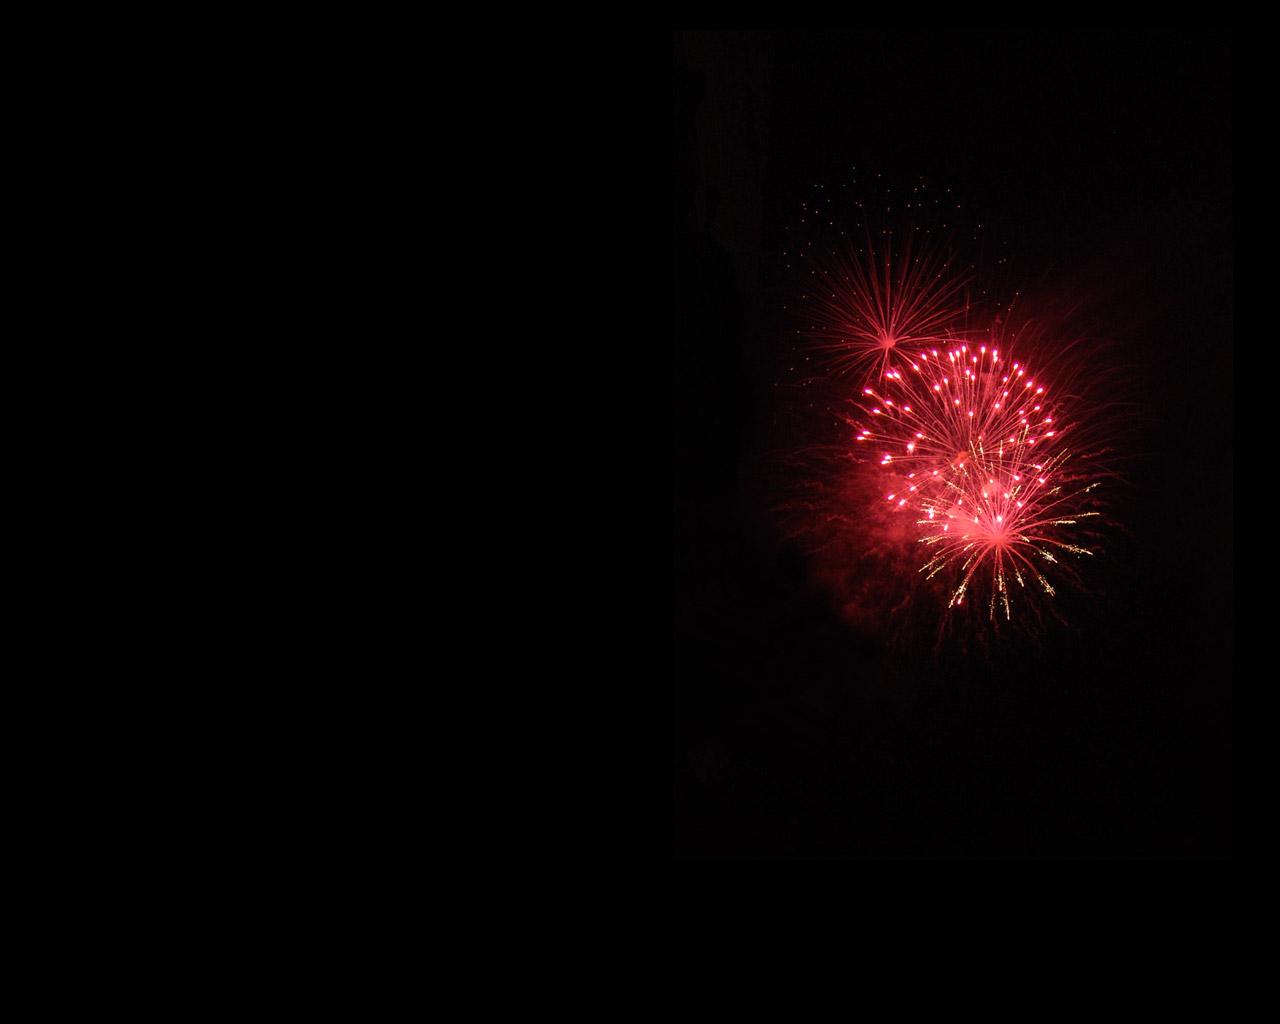 Feuerwerk Desktop Bilder